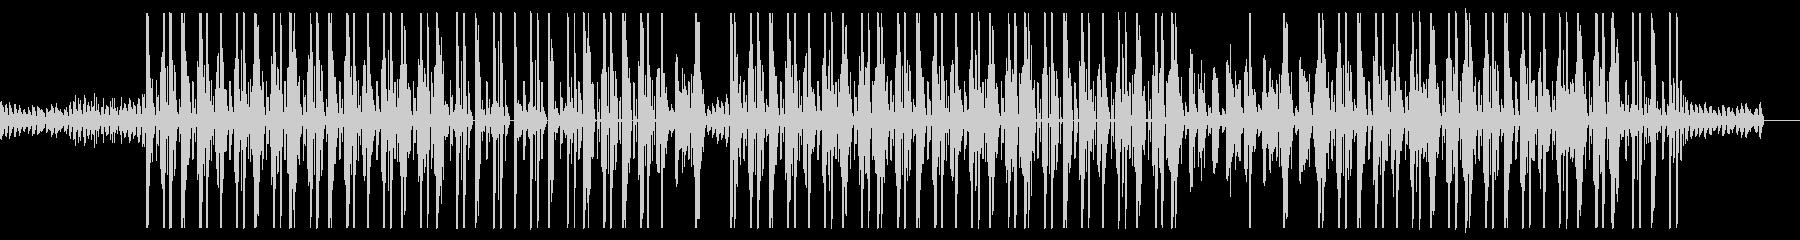 ローファイな王宮風ヒップホップビートの未再生の波形